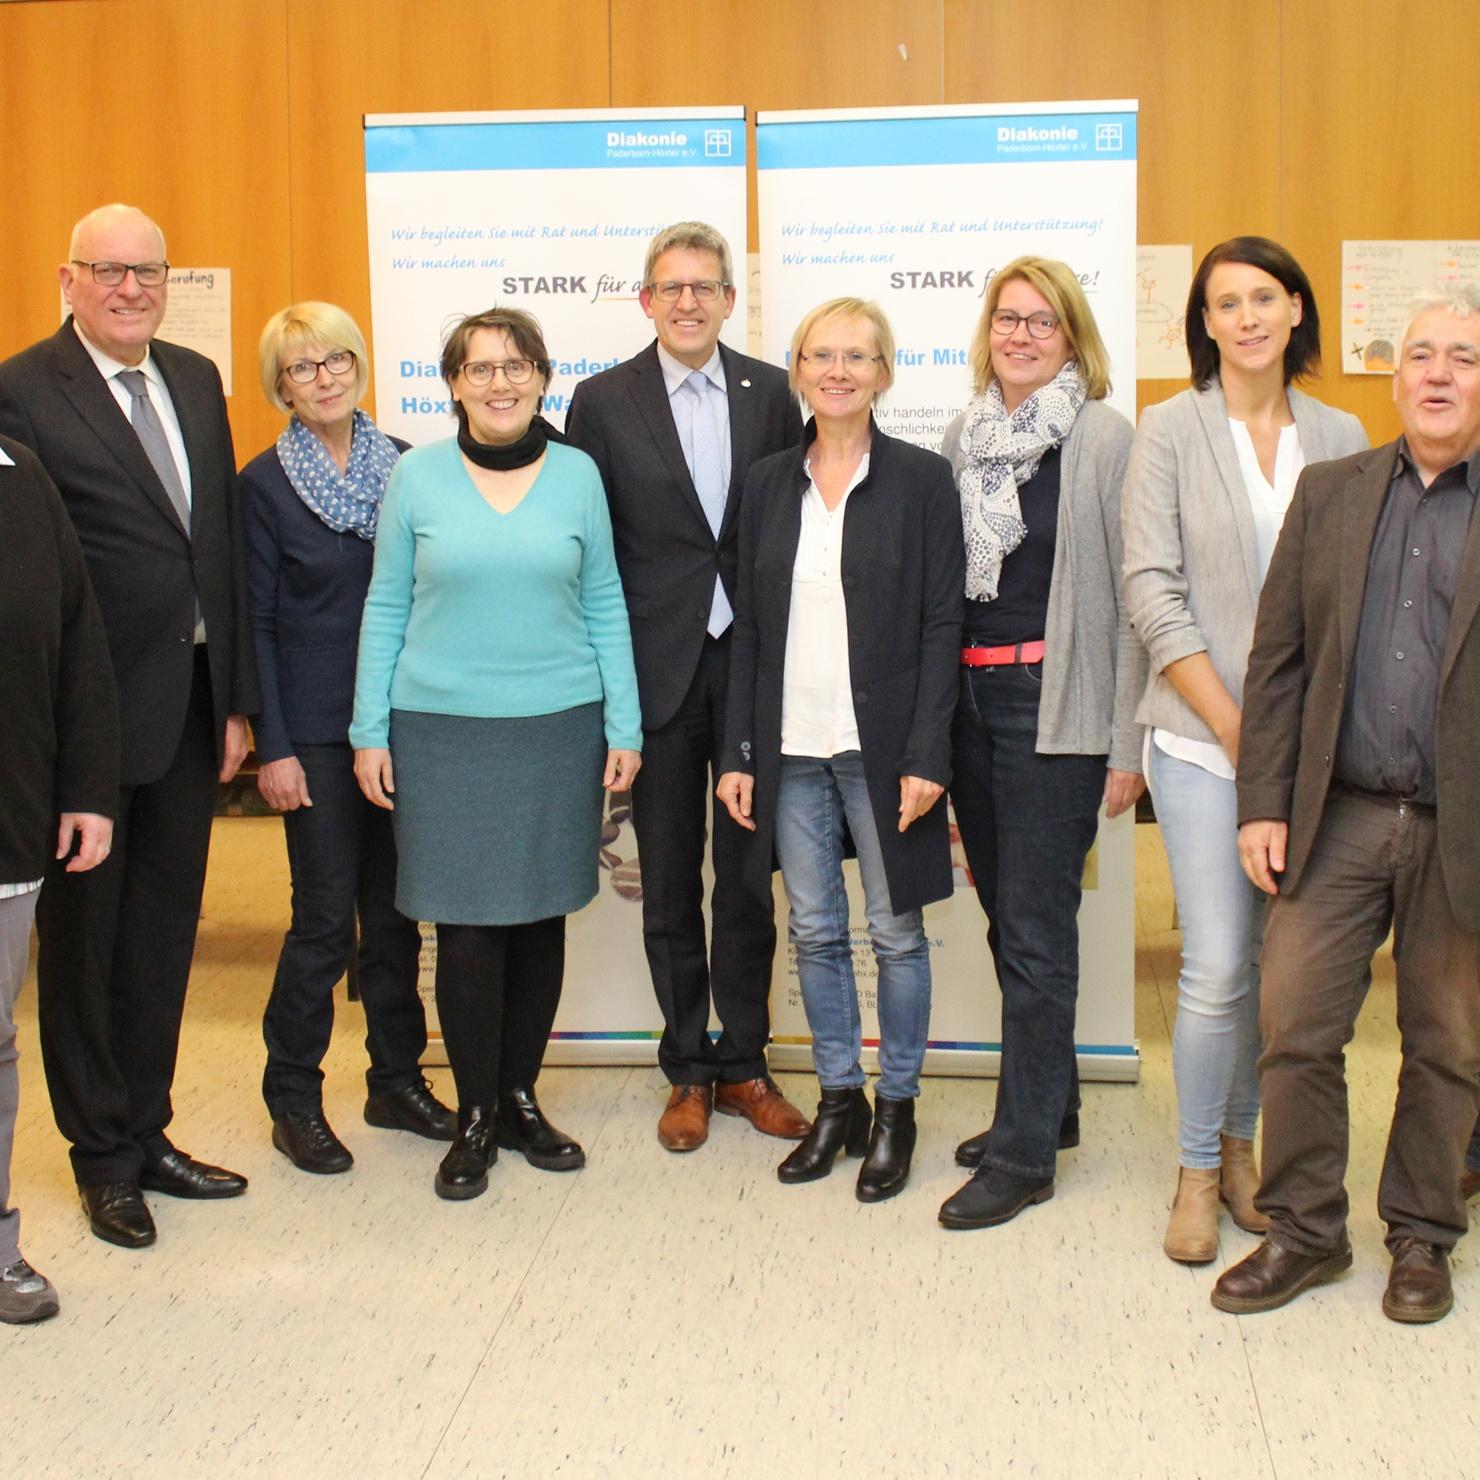 Mitgliederversammlung der Diakonie Paderborn-Höxter e.V. Neue Struktur und Strategie für die Zukunft